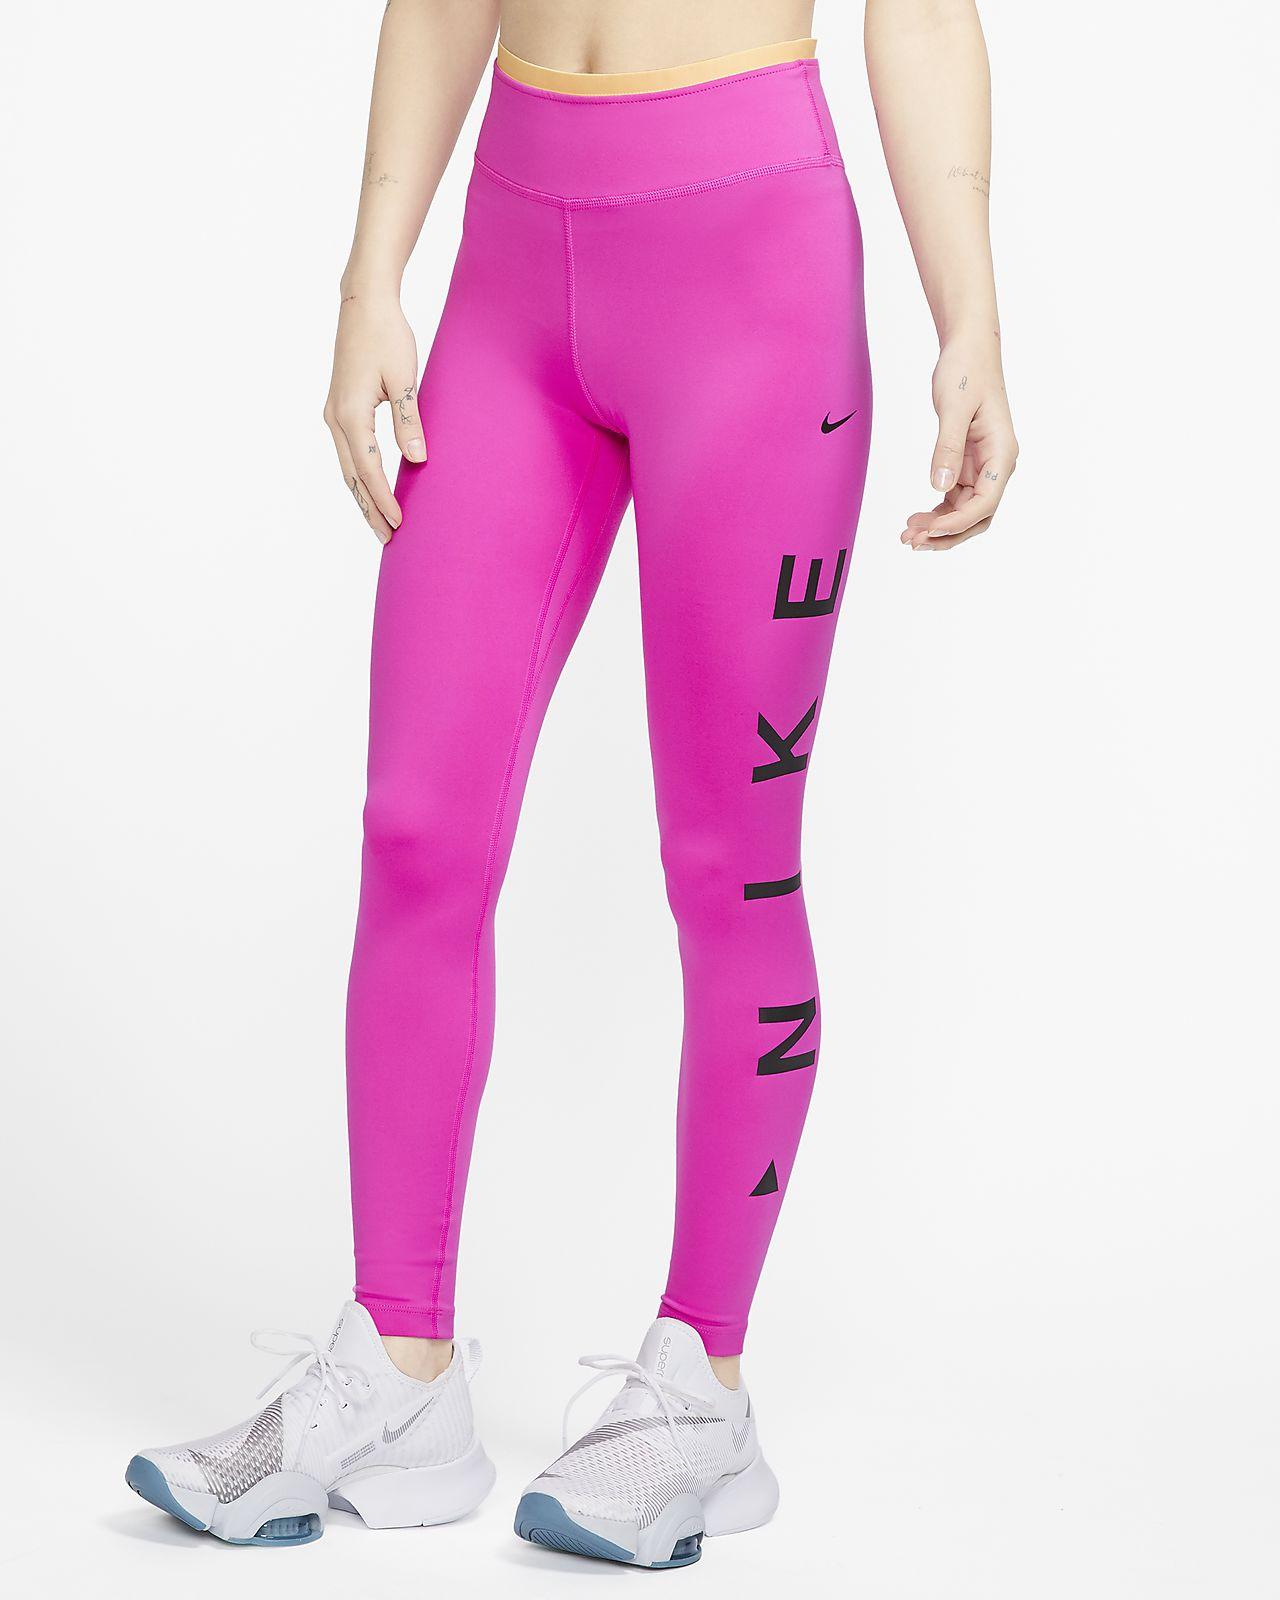 Nike One Icon Clash-tights i 7/8-længde med grafik og mellemhøj talje til kvinder